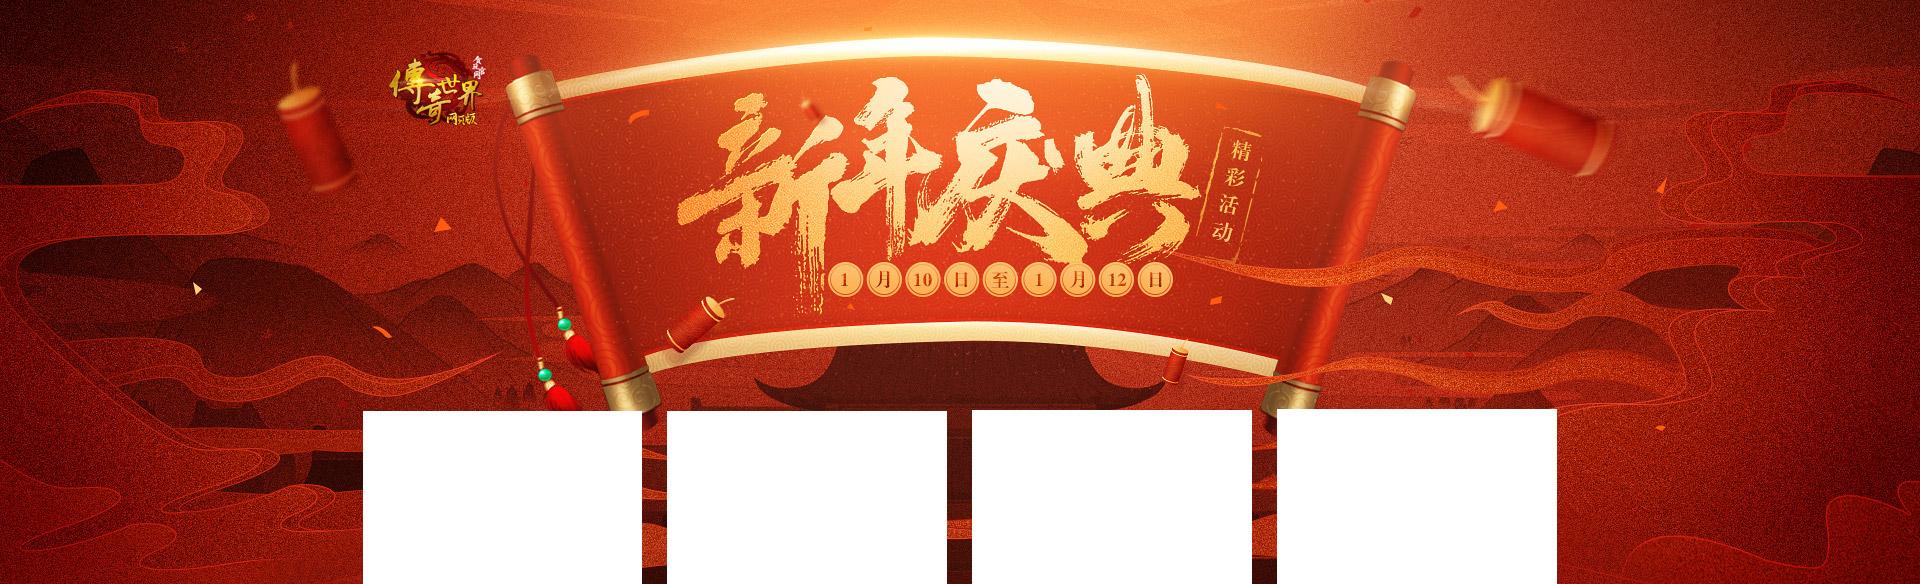 《传奇世界网页版》新年庆典